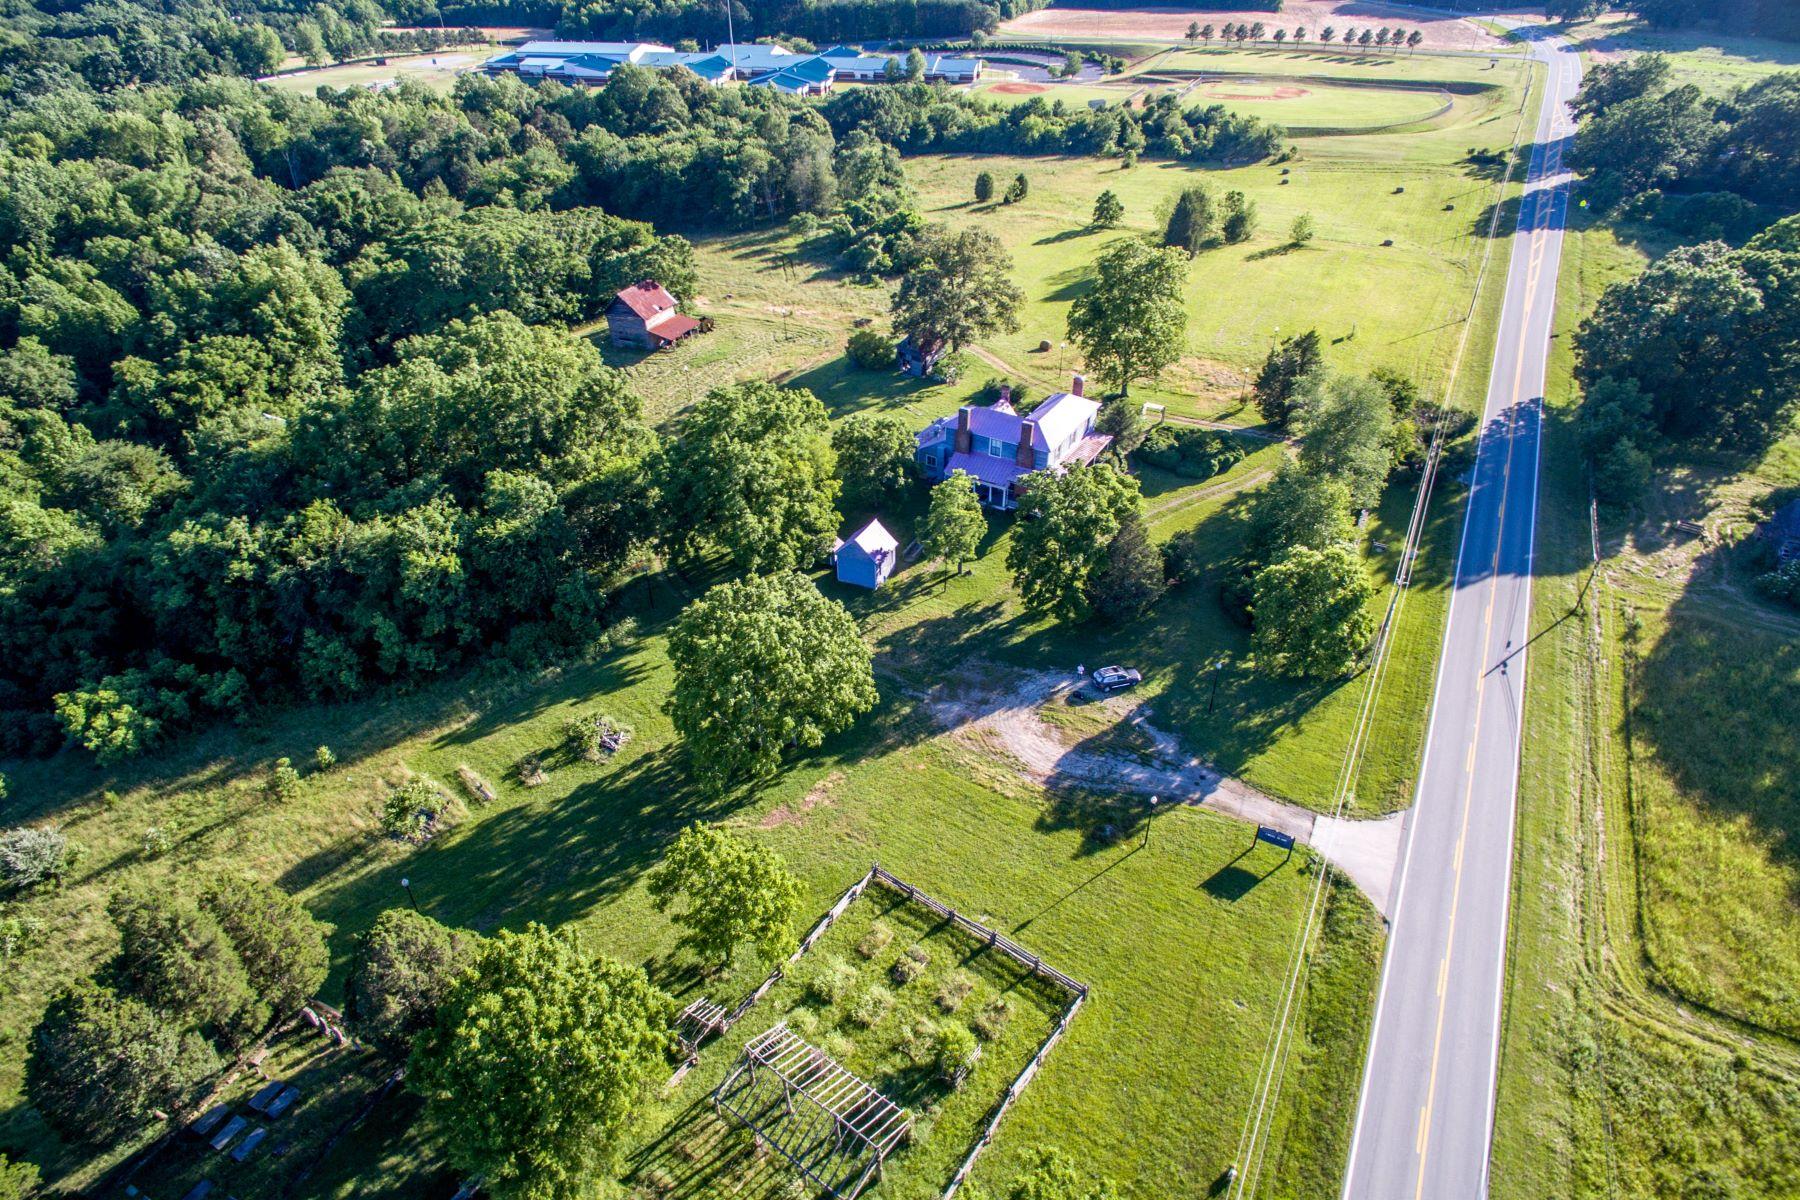 农场 / 牧场 / 种植园 为 销售 在 Historic Bartlett Yancey House 699 W US 158 Bypass 扬西维尔, 北卡罗来纳州 27379 美国